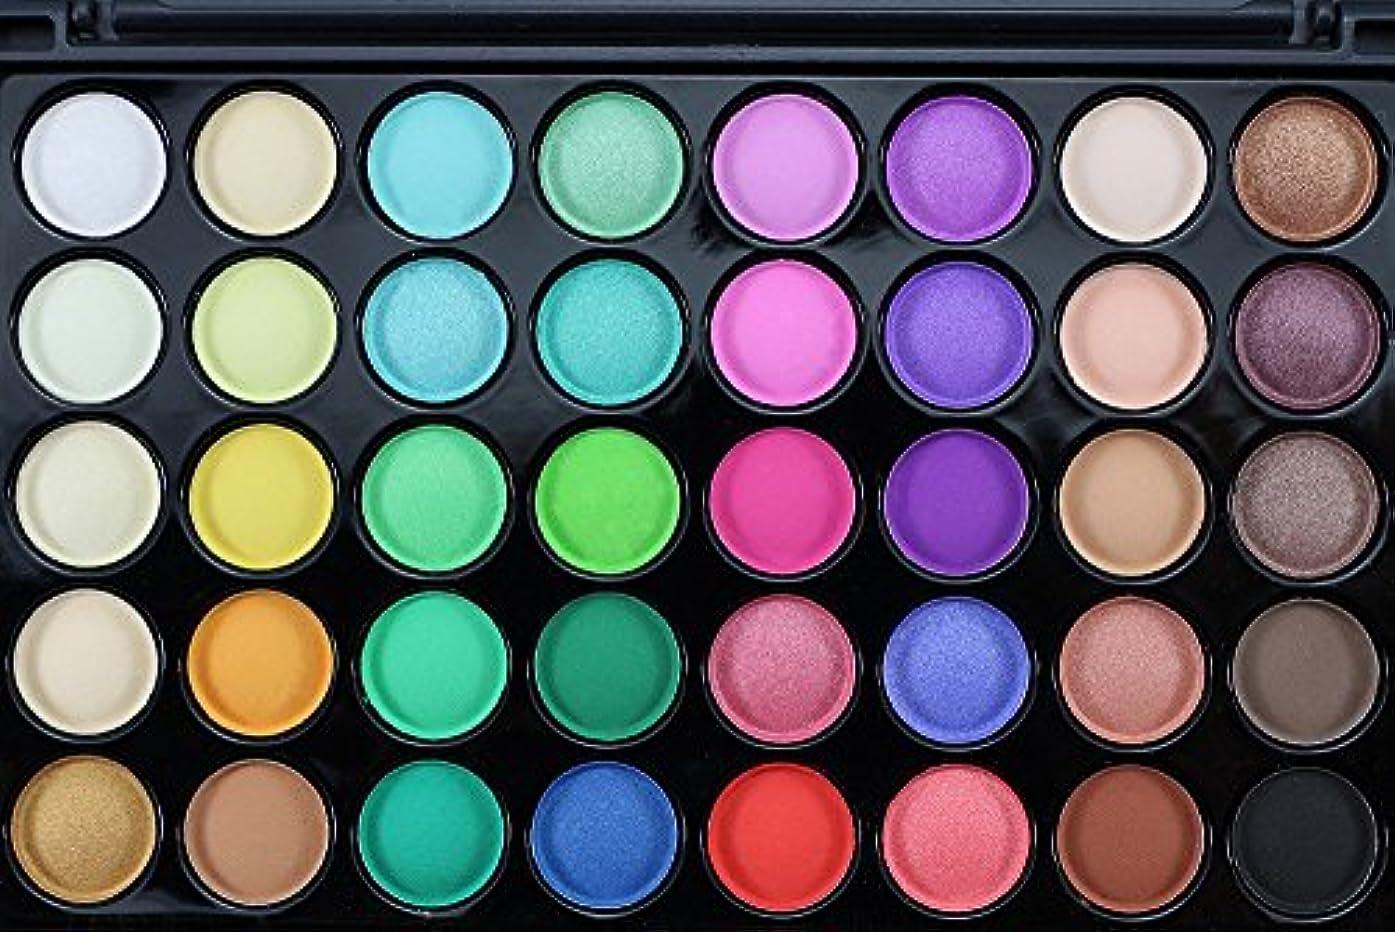 回復十分皮肉なAkane アイシャドウパレット Popfeel ファッション マット 高級 美しい 魅力的 優雅な クリーム ブラシ付き 綺麗 素敵 持ち便利 日常 Eye Shadow (40色+1本ブラシ)